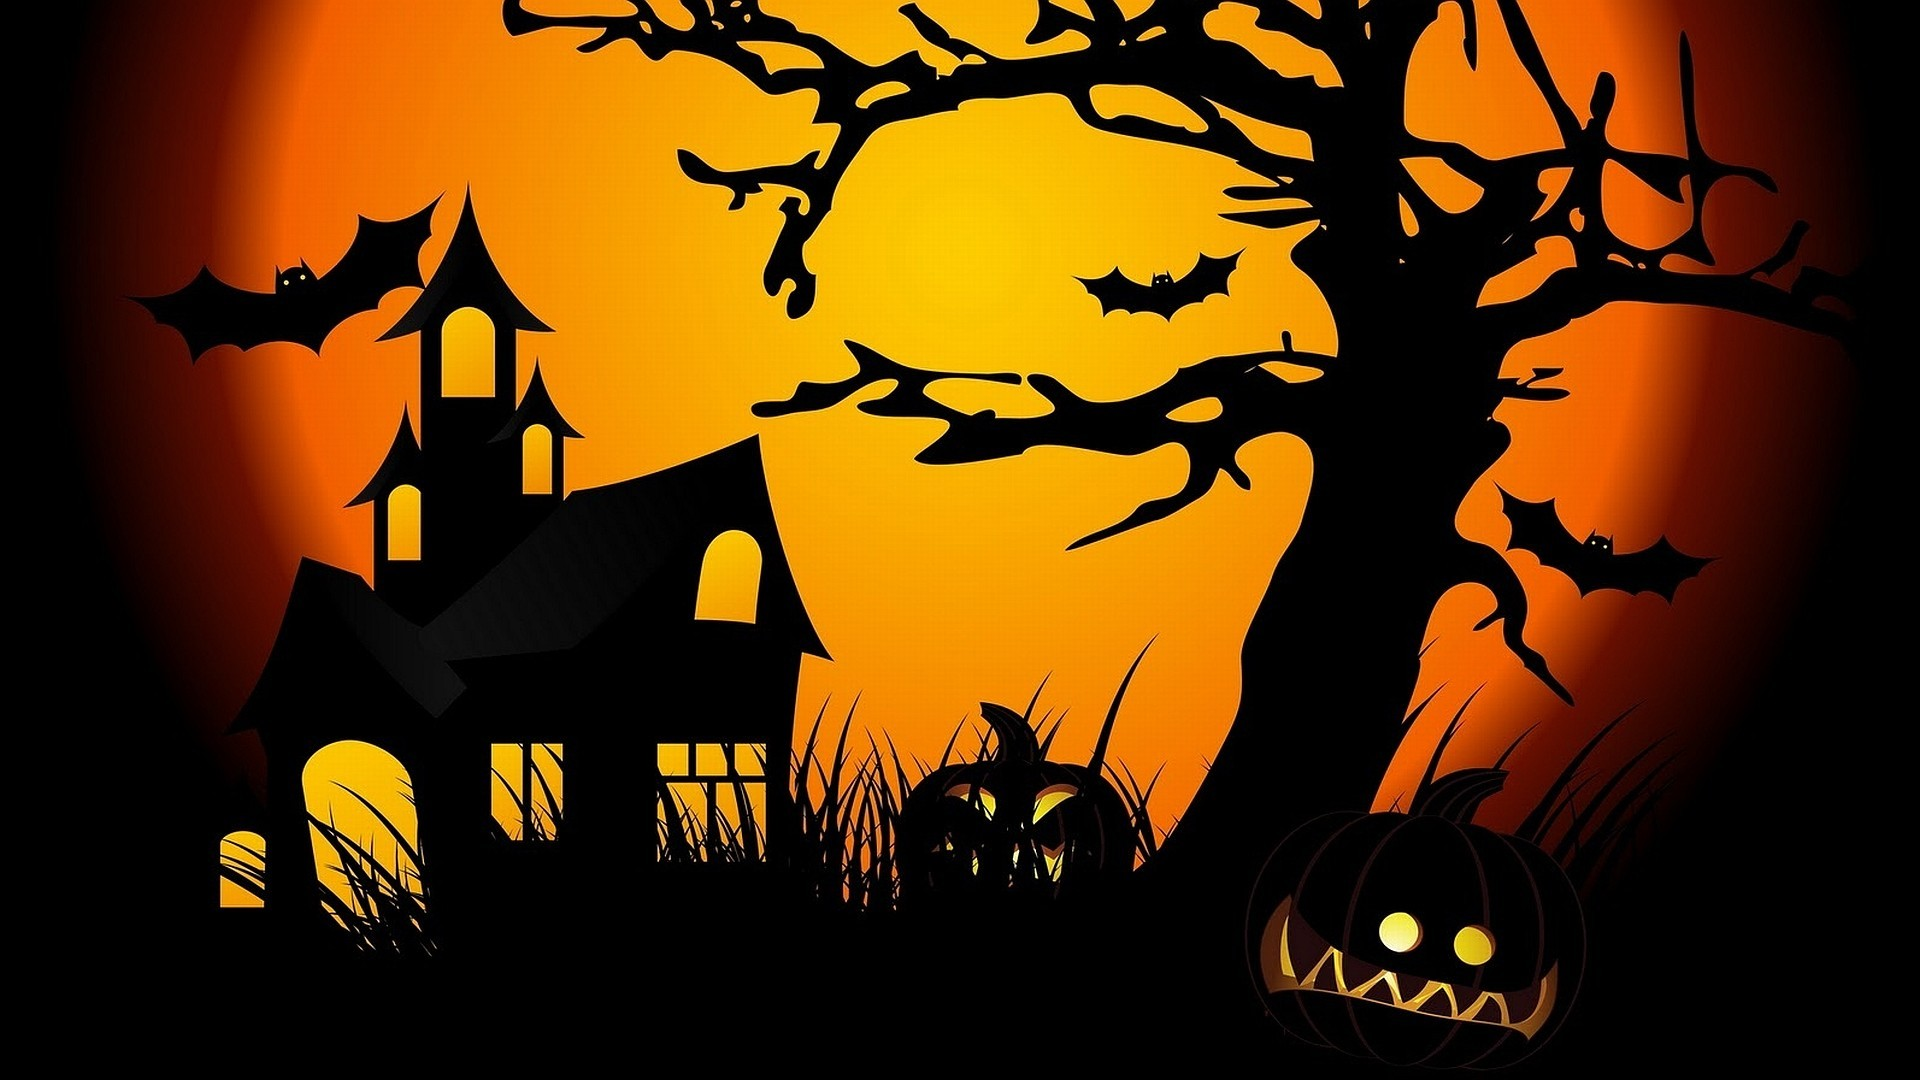 red color bat halloween wallpaper - Halloween Wallpaper Download